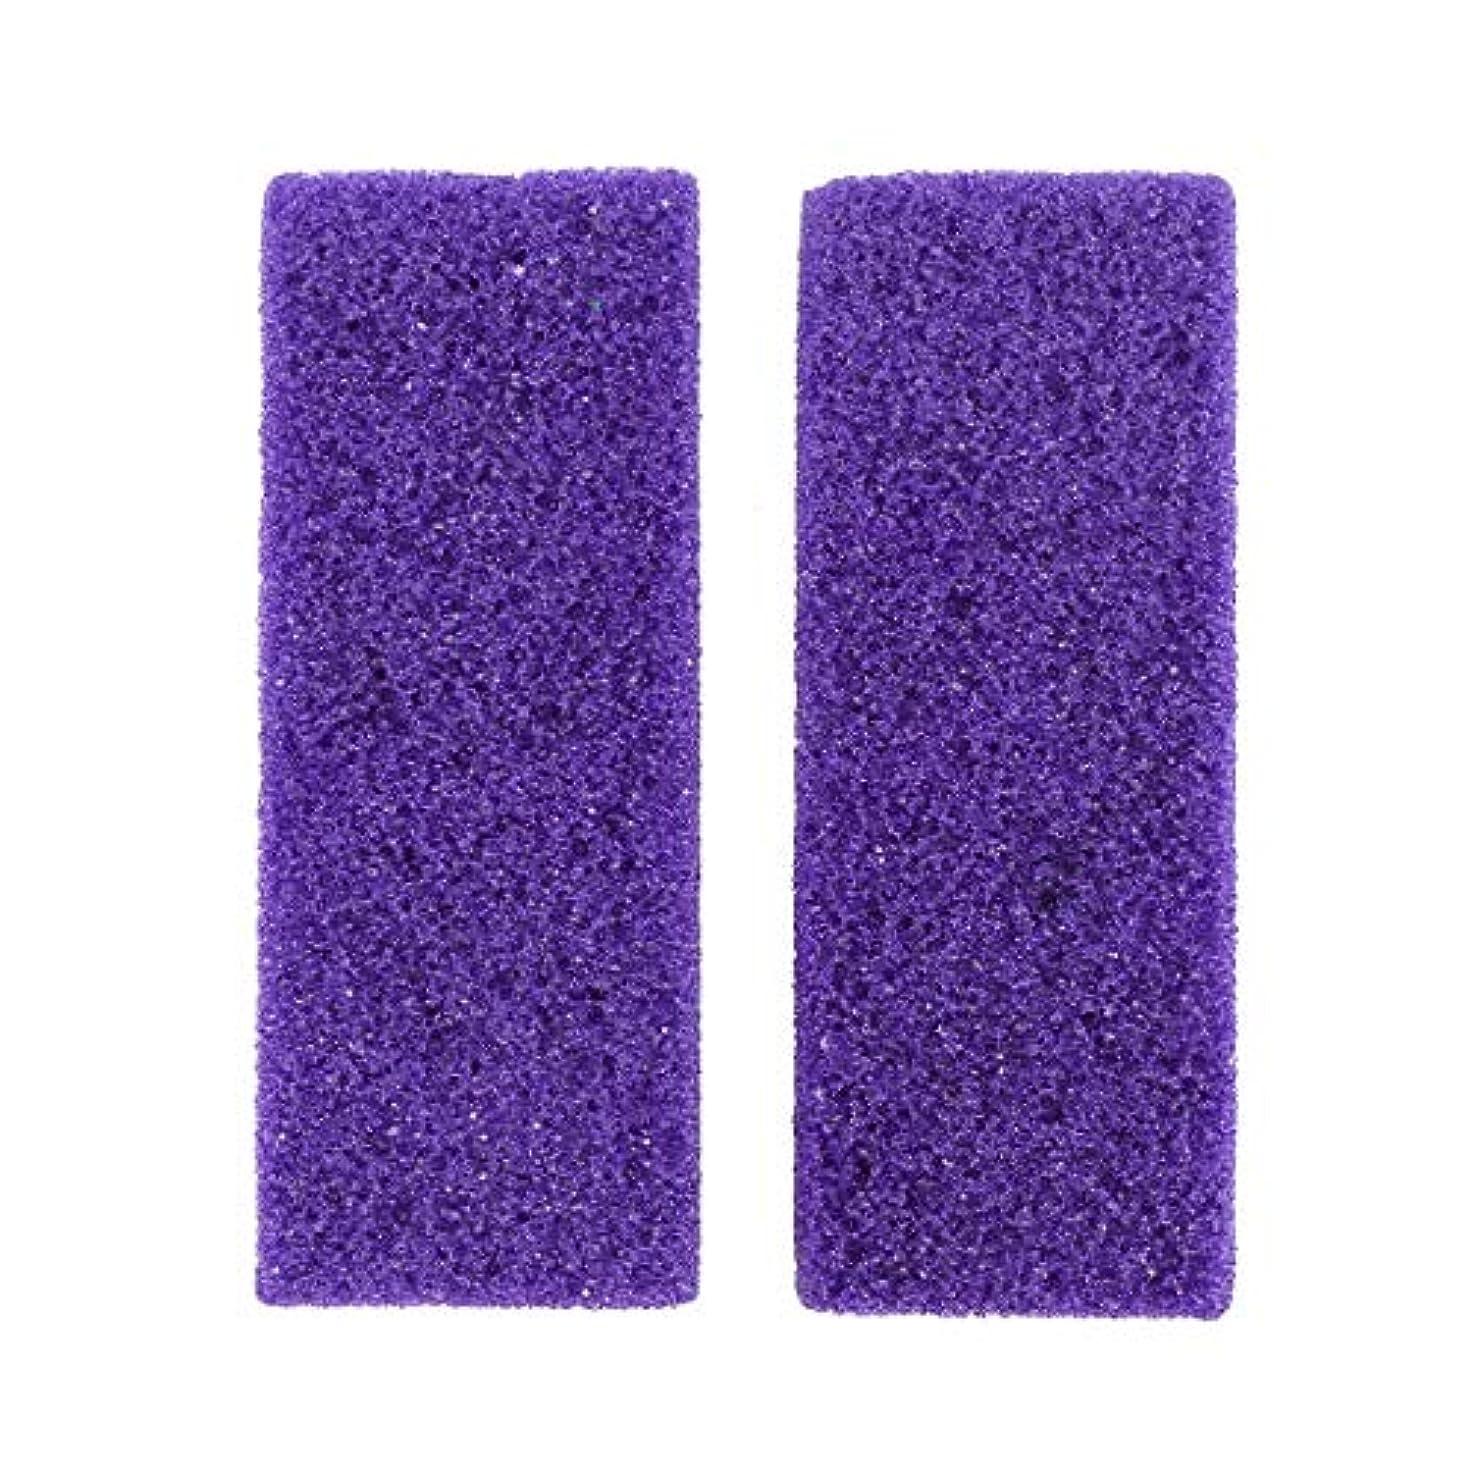 ダイヤル紫の免疫するHeallily 足軽石4ピース足カルスリムーバー剥離剤軽石石ペディキュアツール用デッドハードスキン除去(パープル)